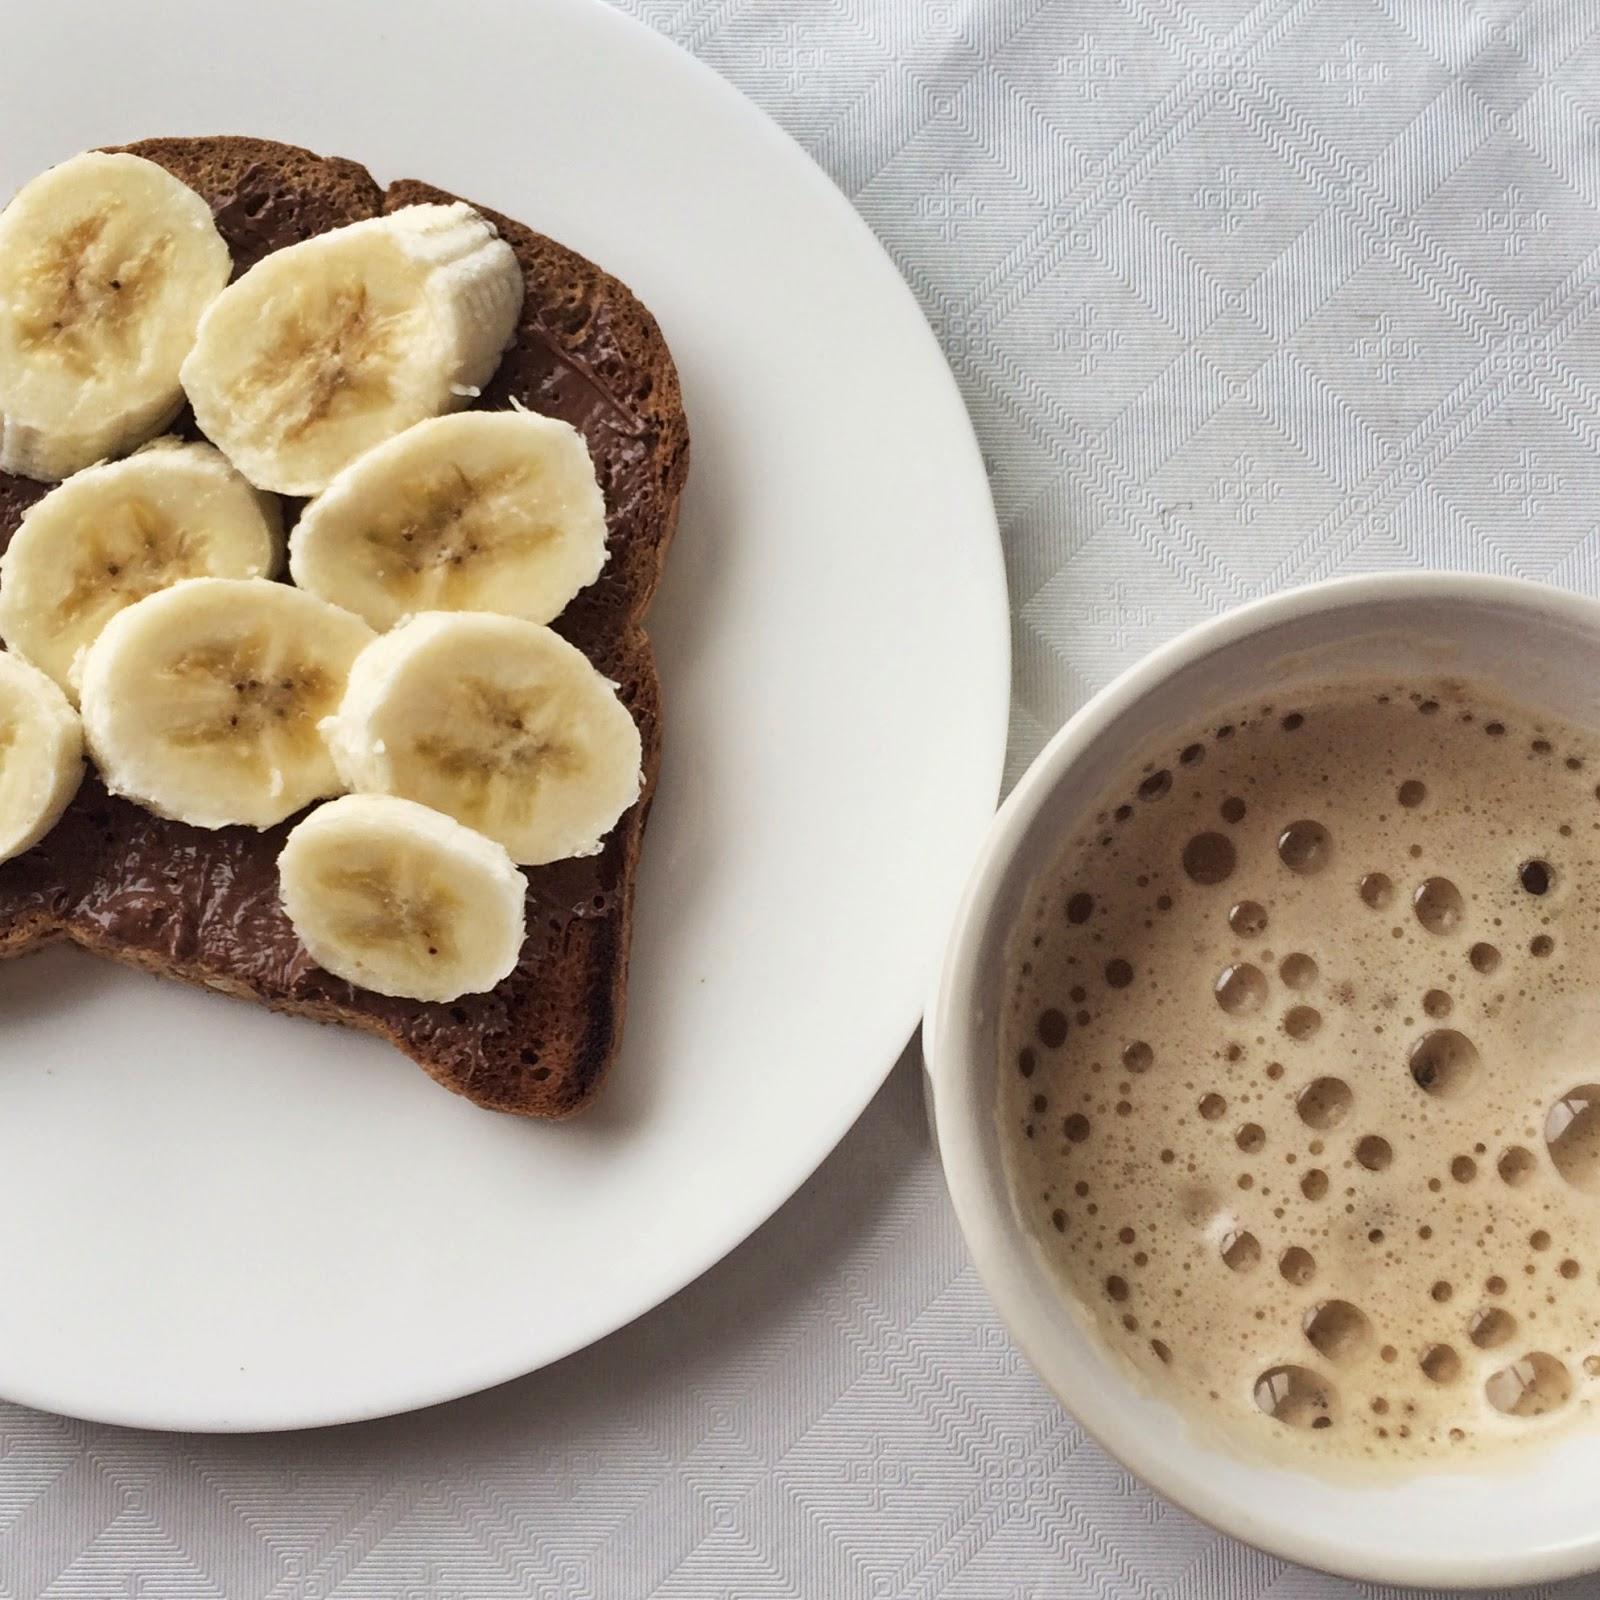 nutella and banana